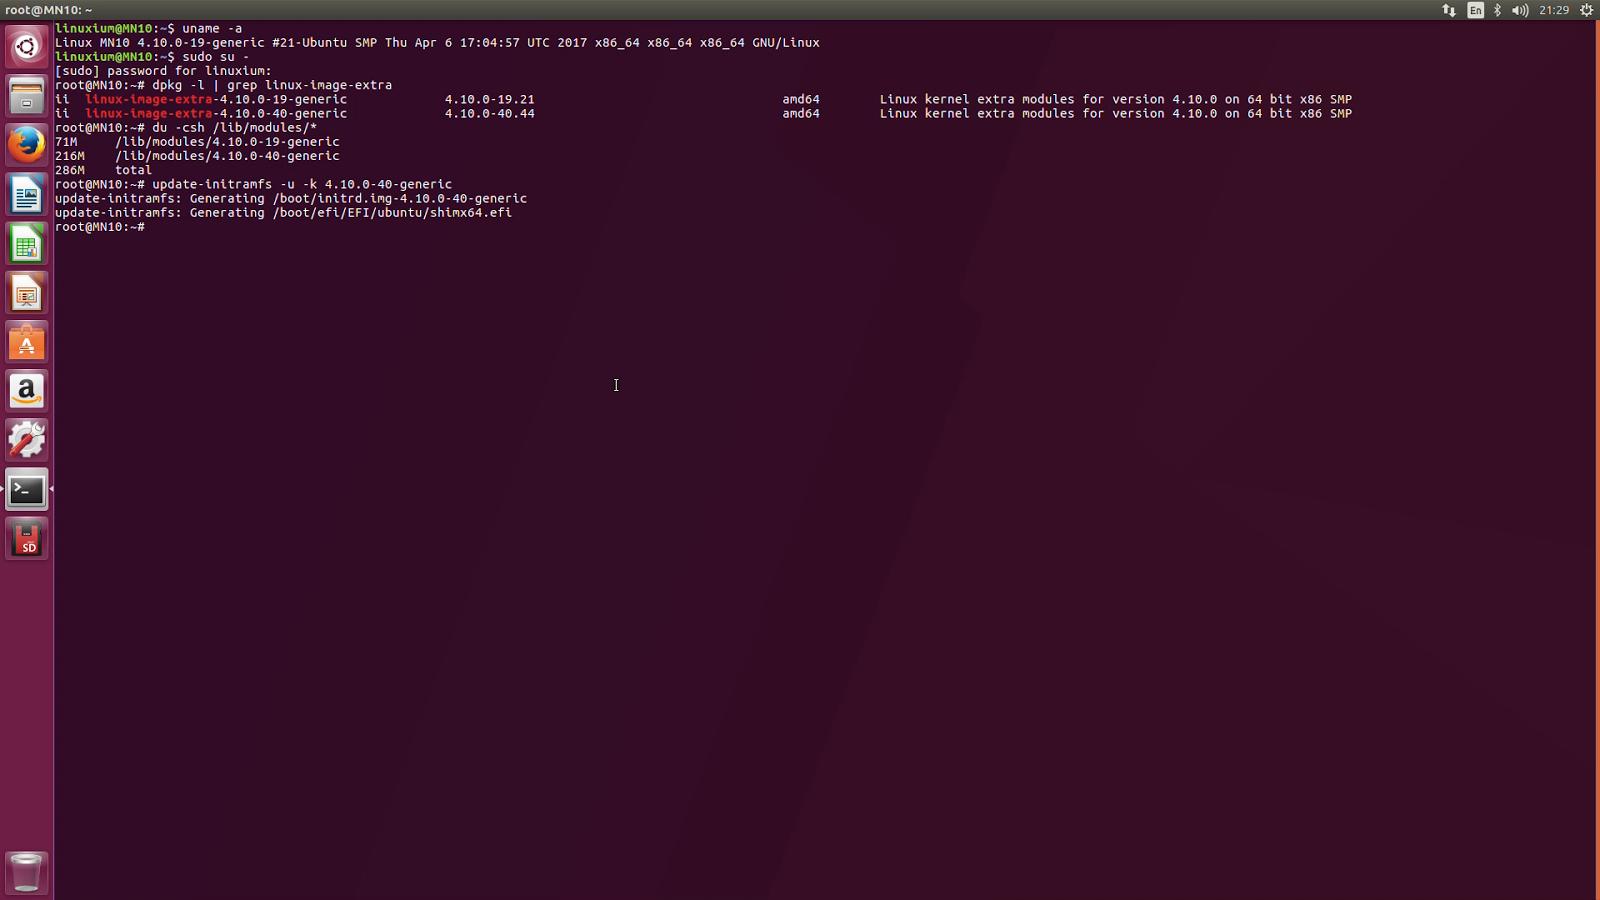 linuxium com au: Running and installing Ubuntu and Ubuntu flavours